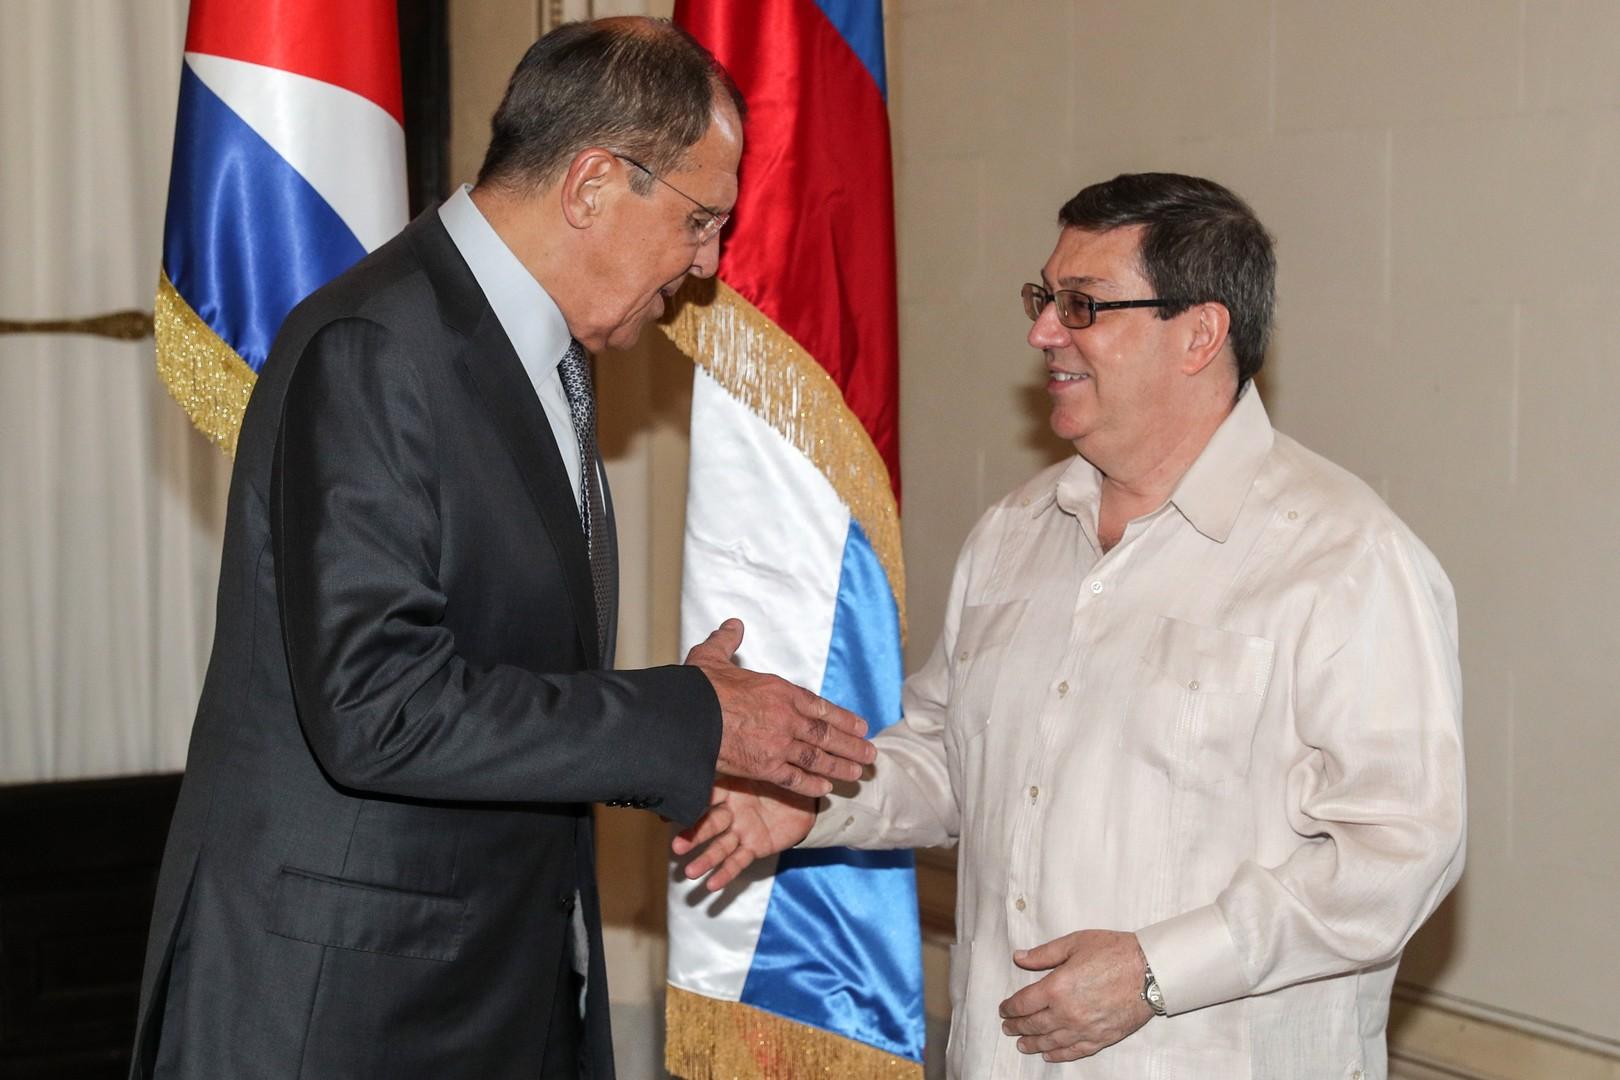 وزير الخارجية الروسي سيرغي لافروف خلال لقاء مع نظيره الكوبي برونو رودريغيز باريغا